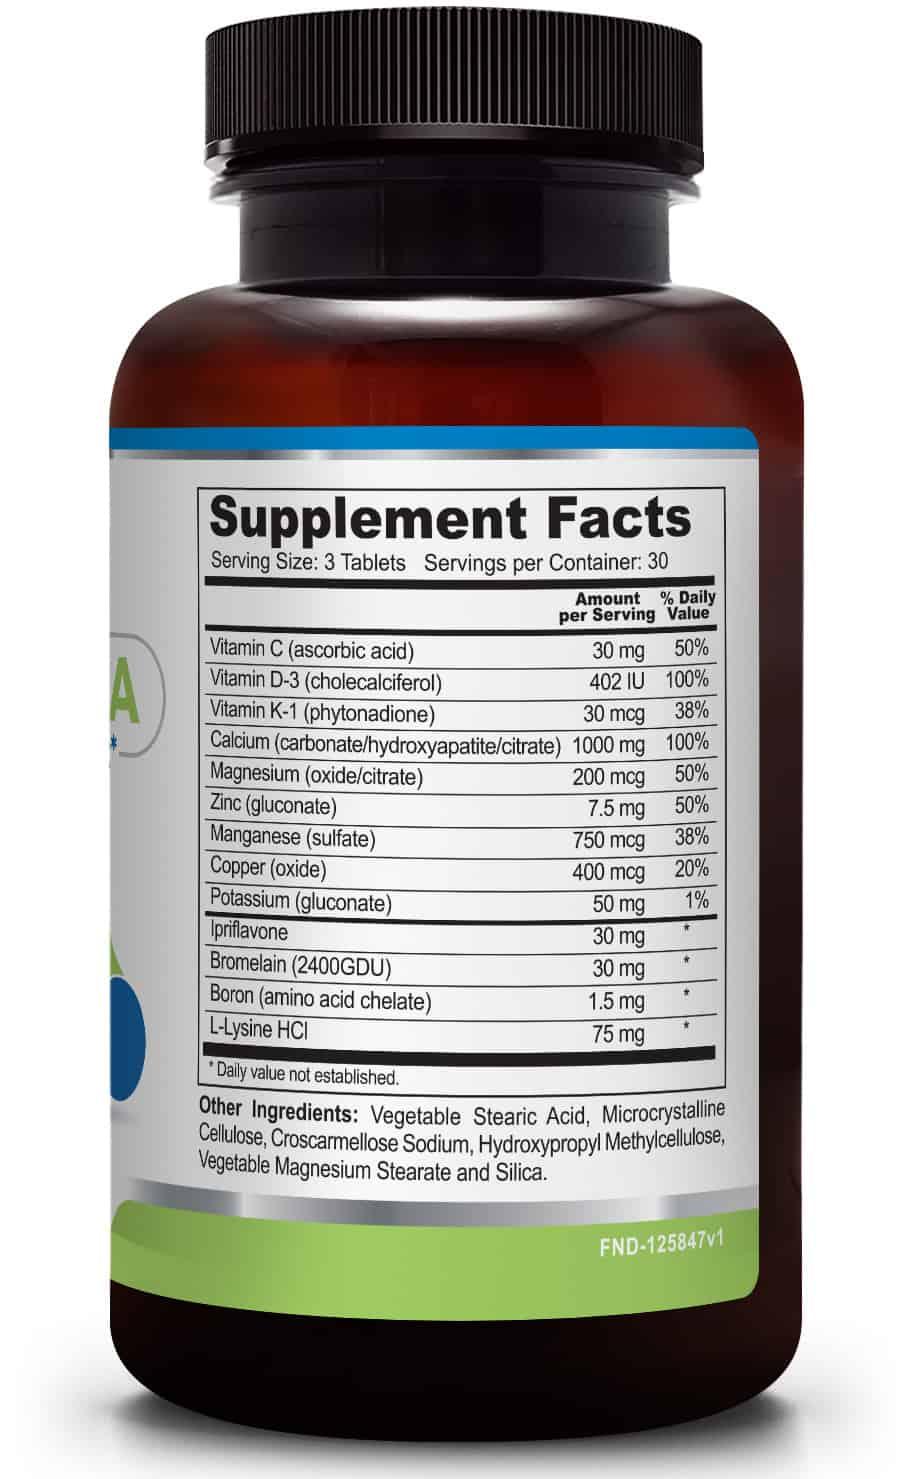 Suplementos y Vitaminas de Calidad Bone Ultra